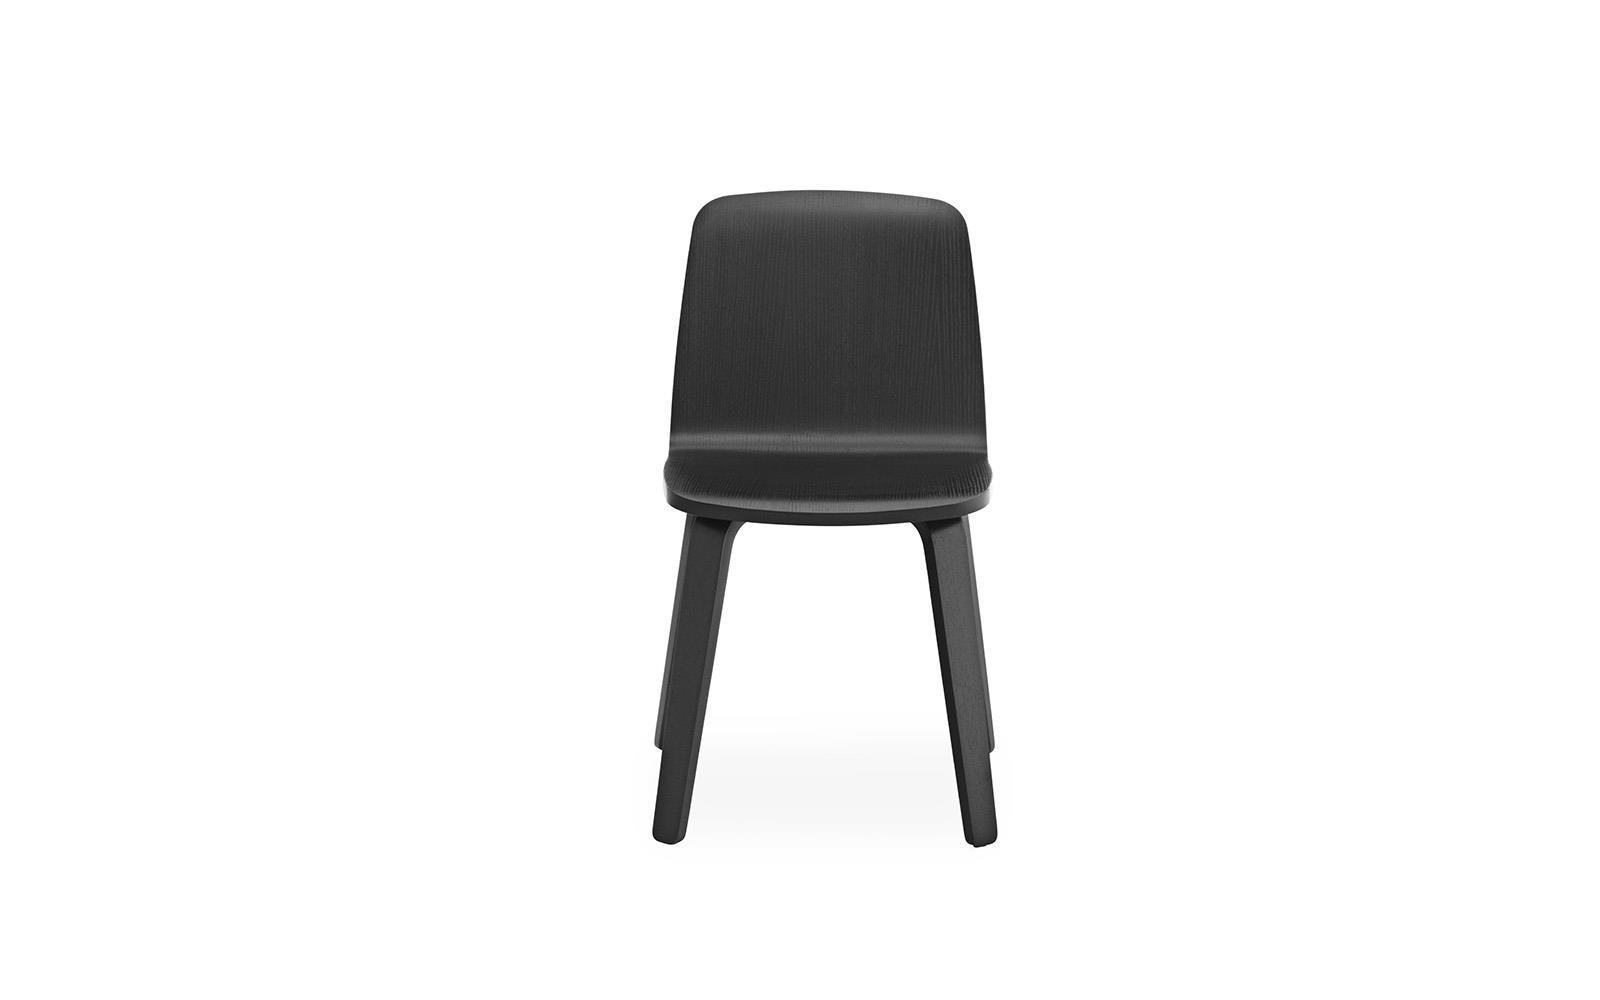 Moderne sthle eiche amazing full size of die bestensel retro ideen nur auf stuhl wohnzimmer - Stuhl eiche geolt ...